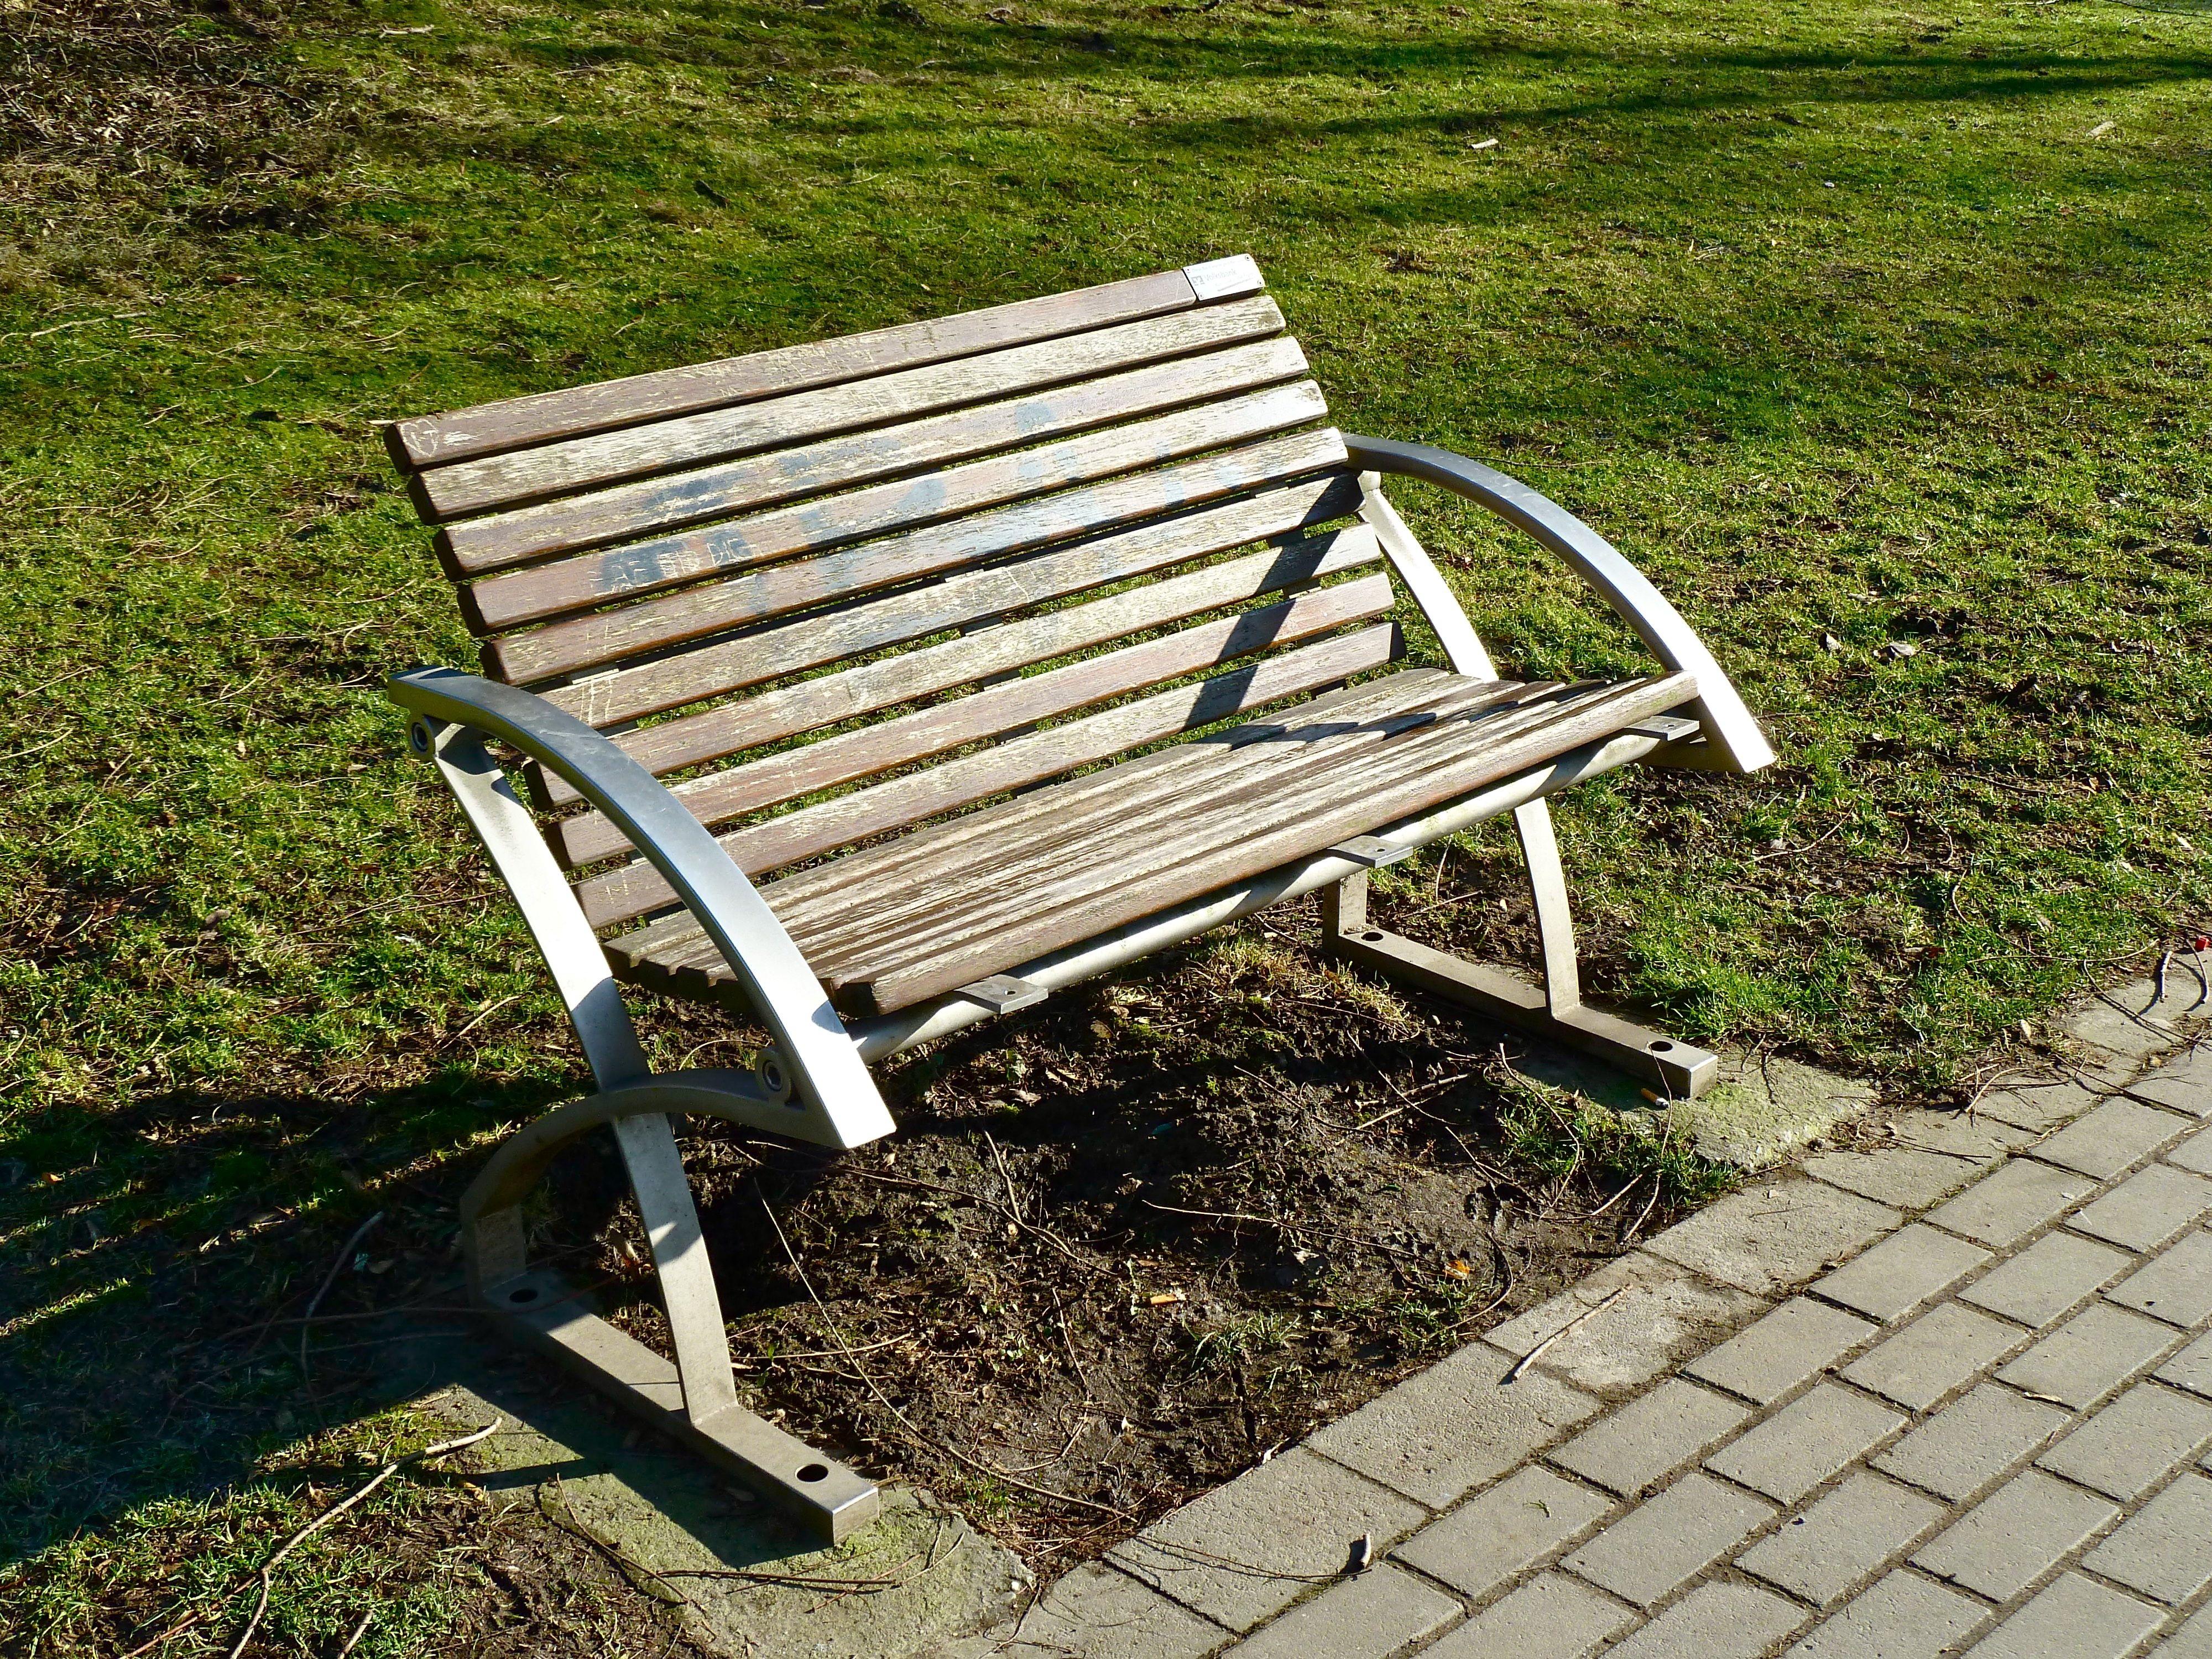 Fotos gratis : mesa, banco, silla, relajarse, descanso, Banco del ...